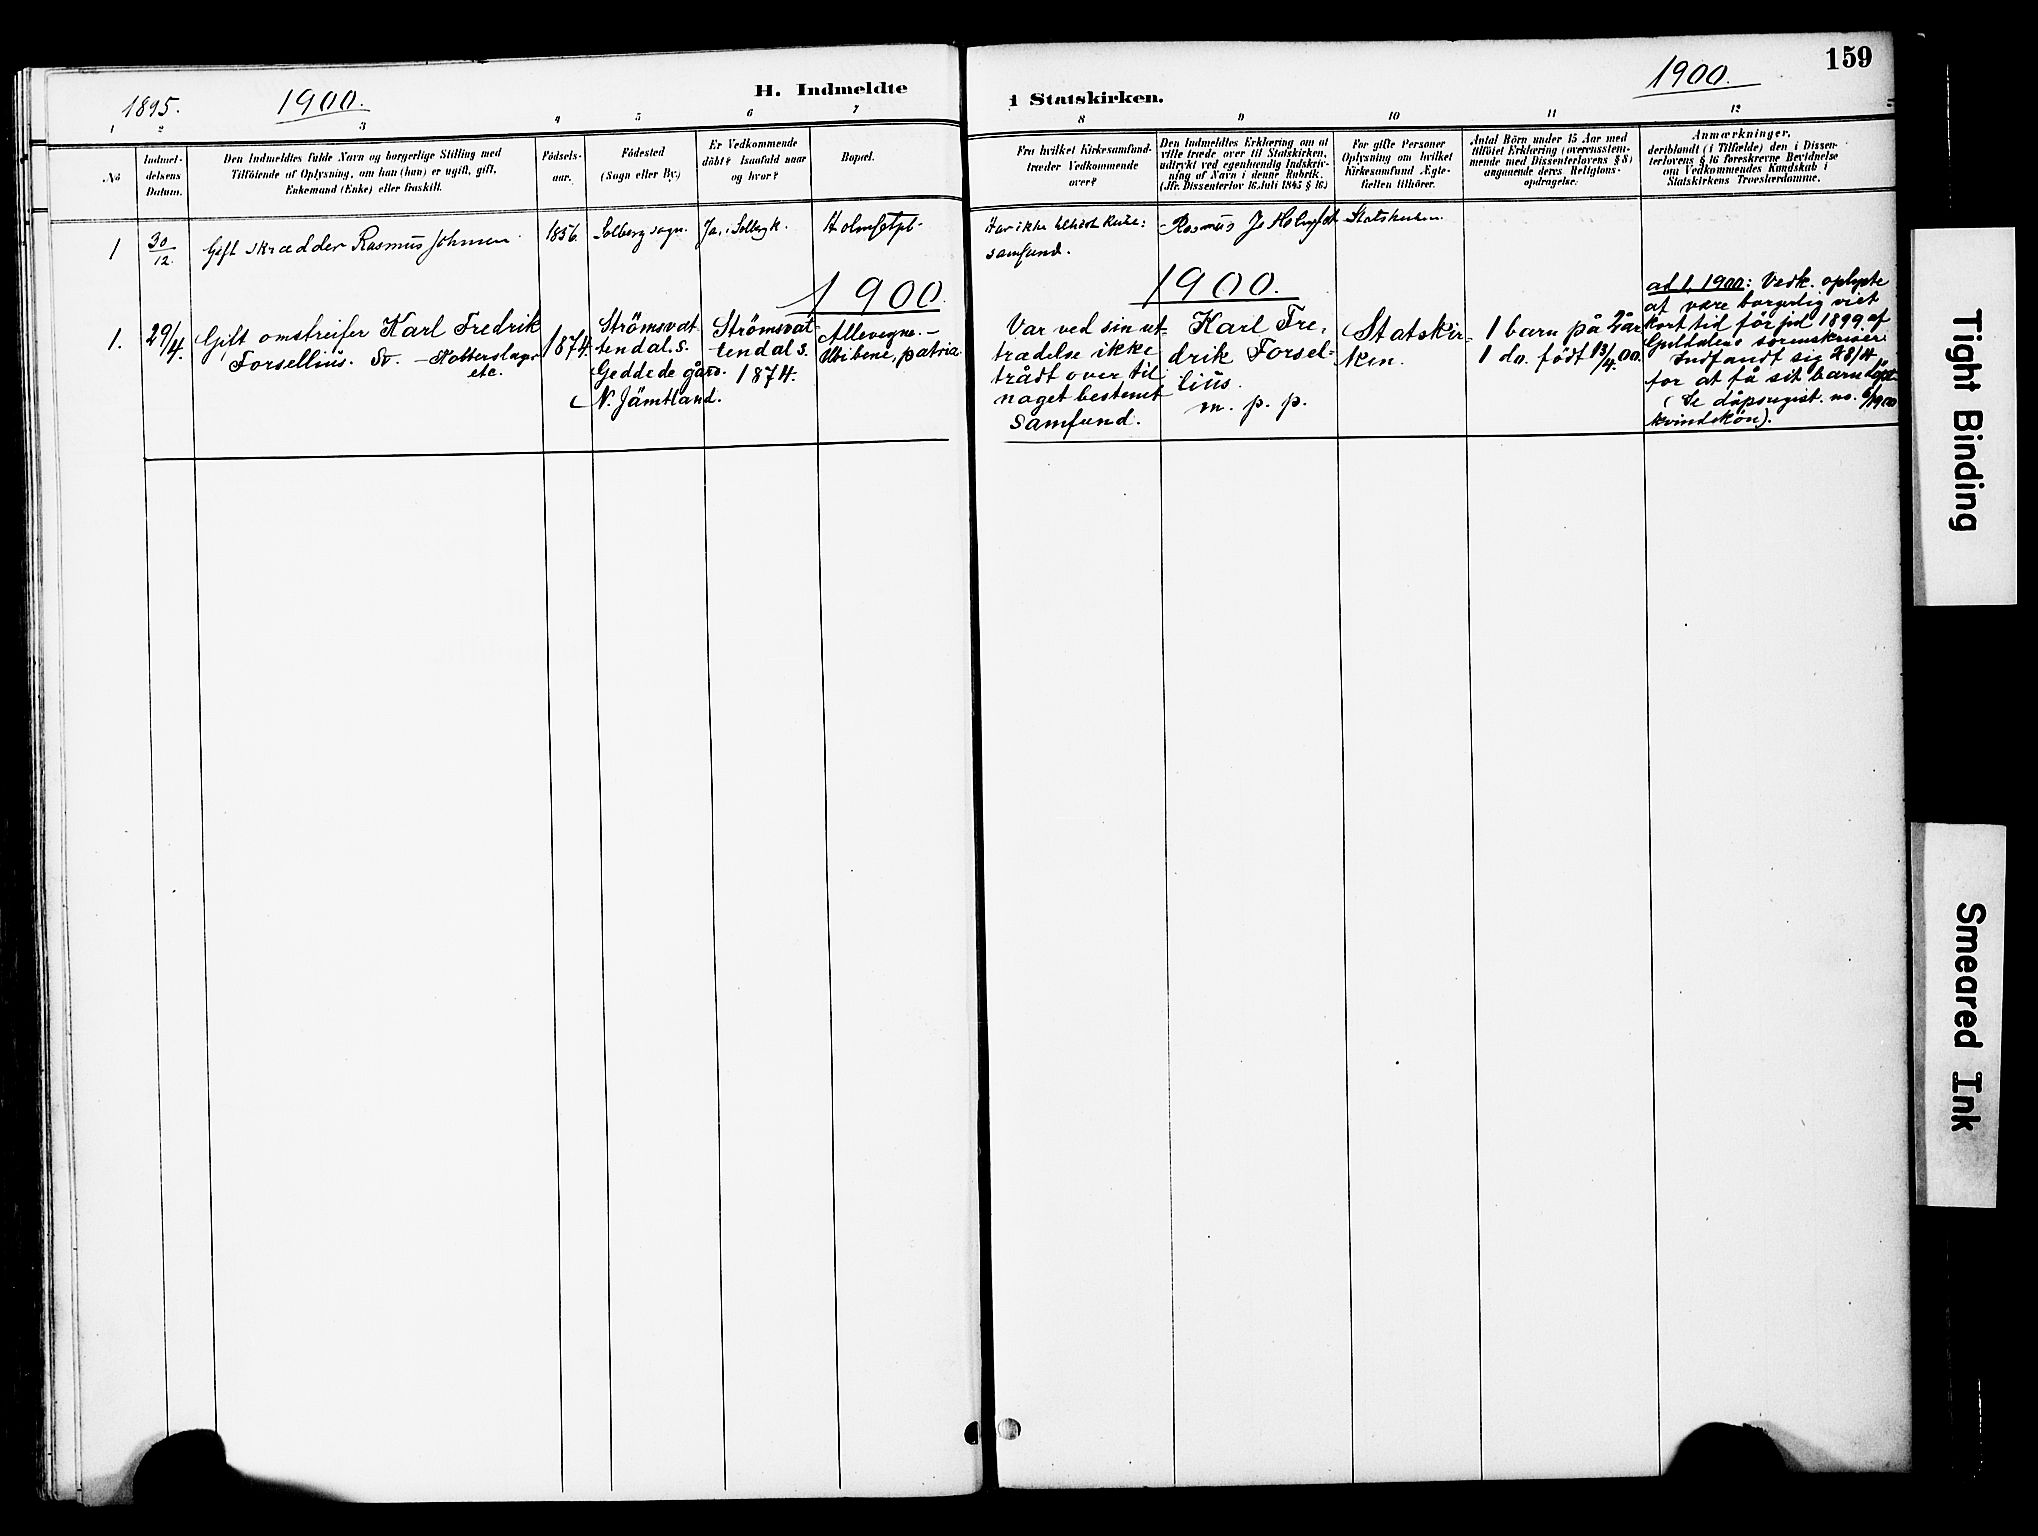 SAT, Ministerialprotokoller, klokkerbøker og fødselsregistre - Nord-Trøndelag, 741/L0396: Ministerialbok nr. 741A10, 1889-1901, s. 159